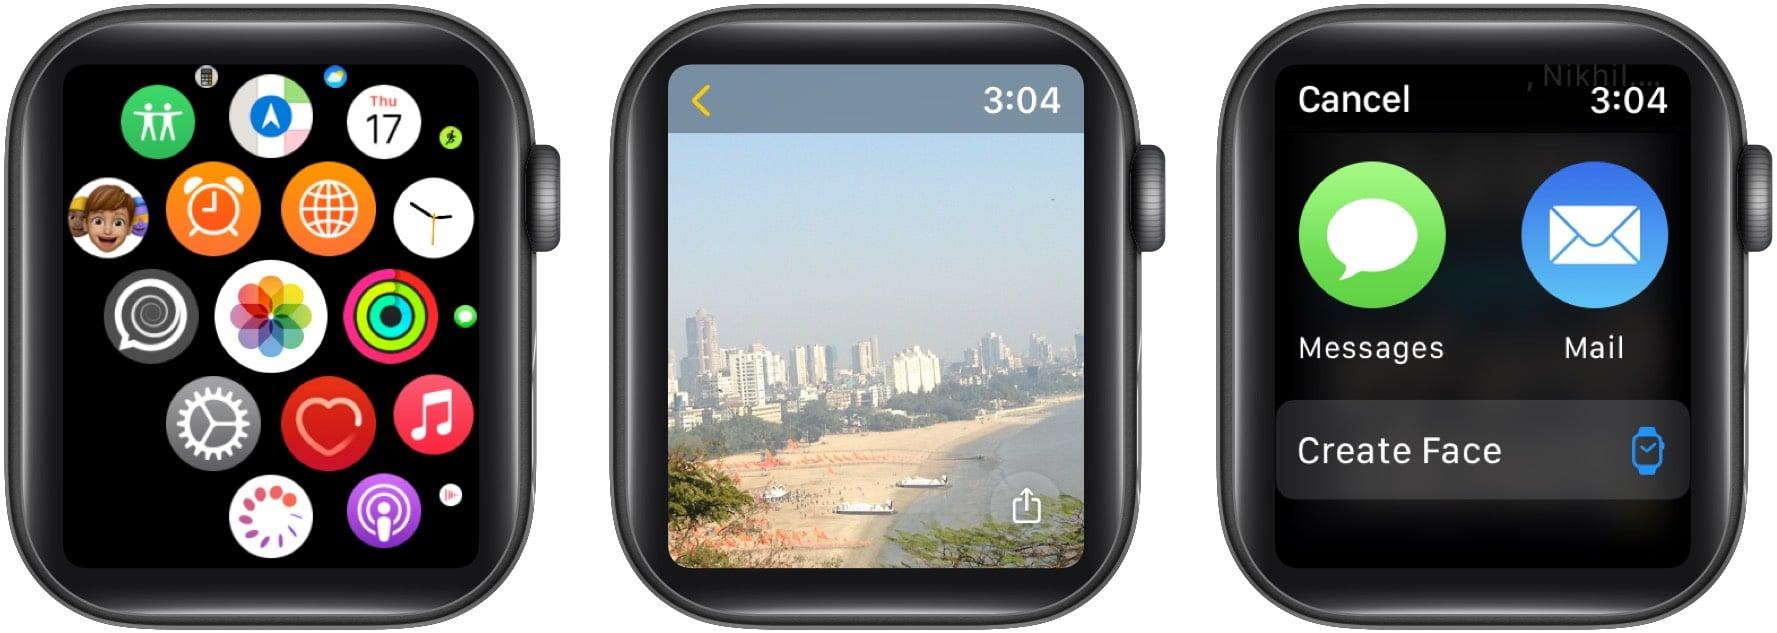 Senden Sie Fotos direkt von der Apple Watch mit der Nachrichten- oder Mail-App